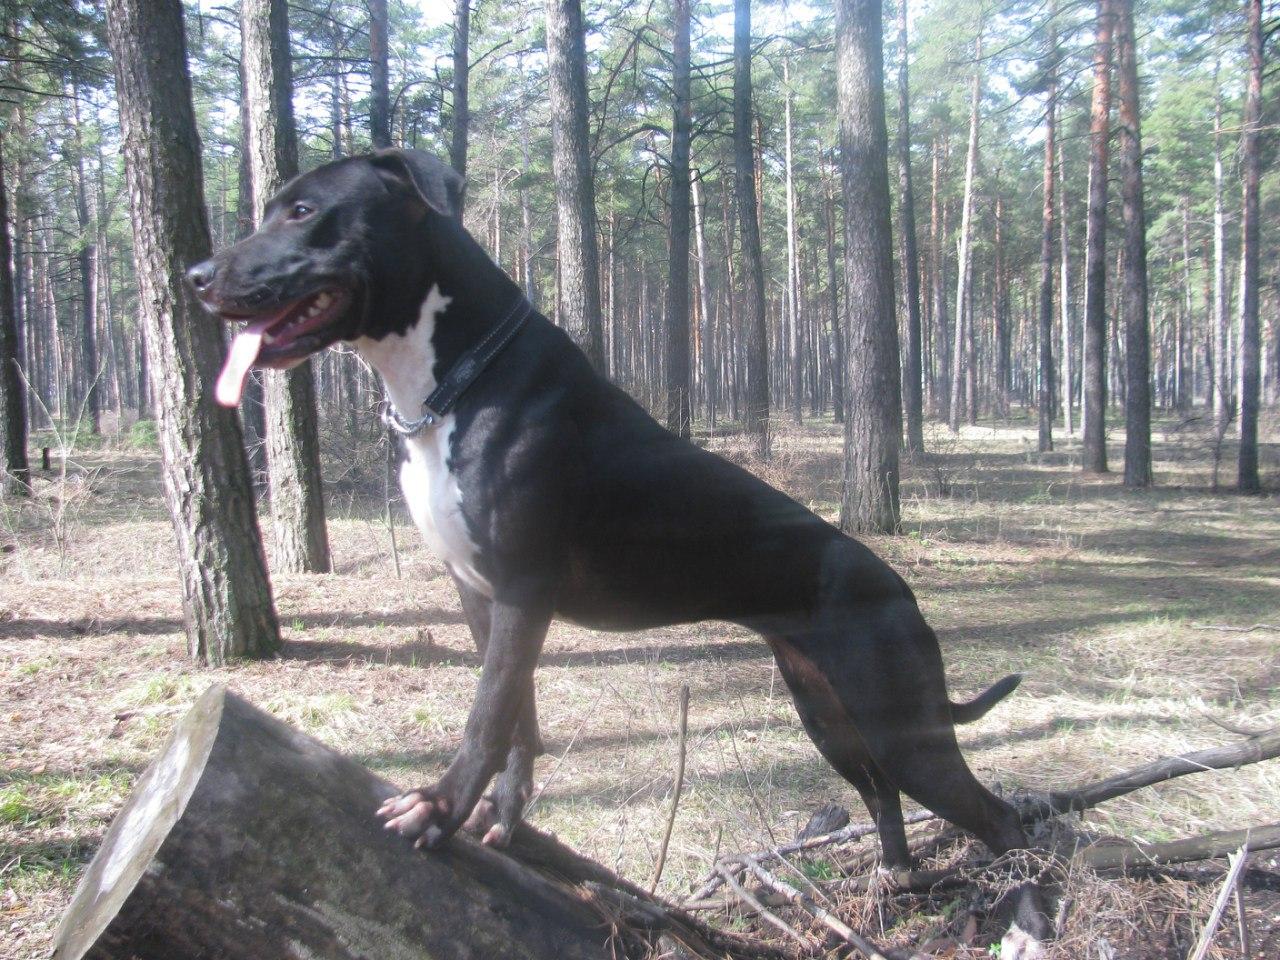 Питомник питбультерьеров Dog Arena Yve_dre16qk